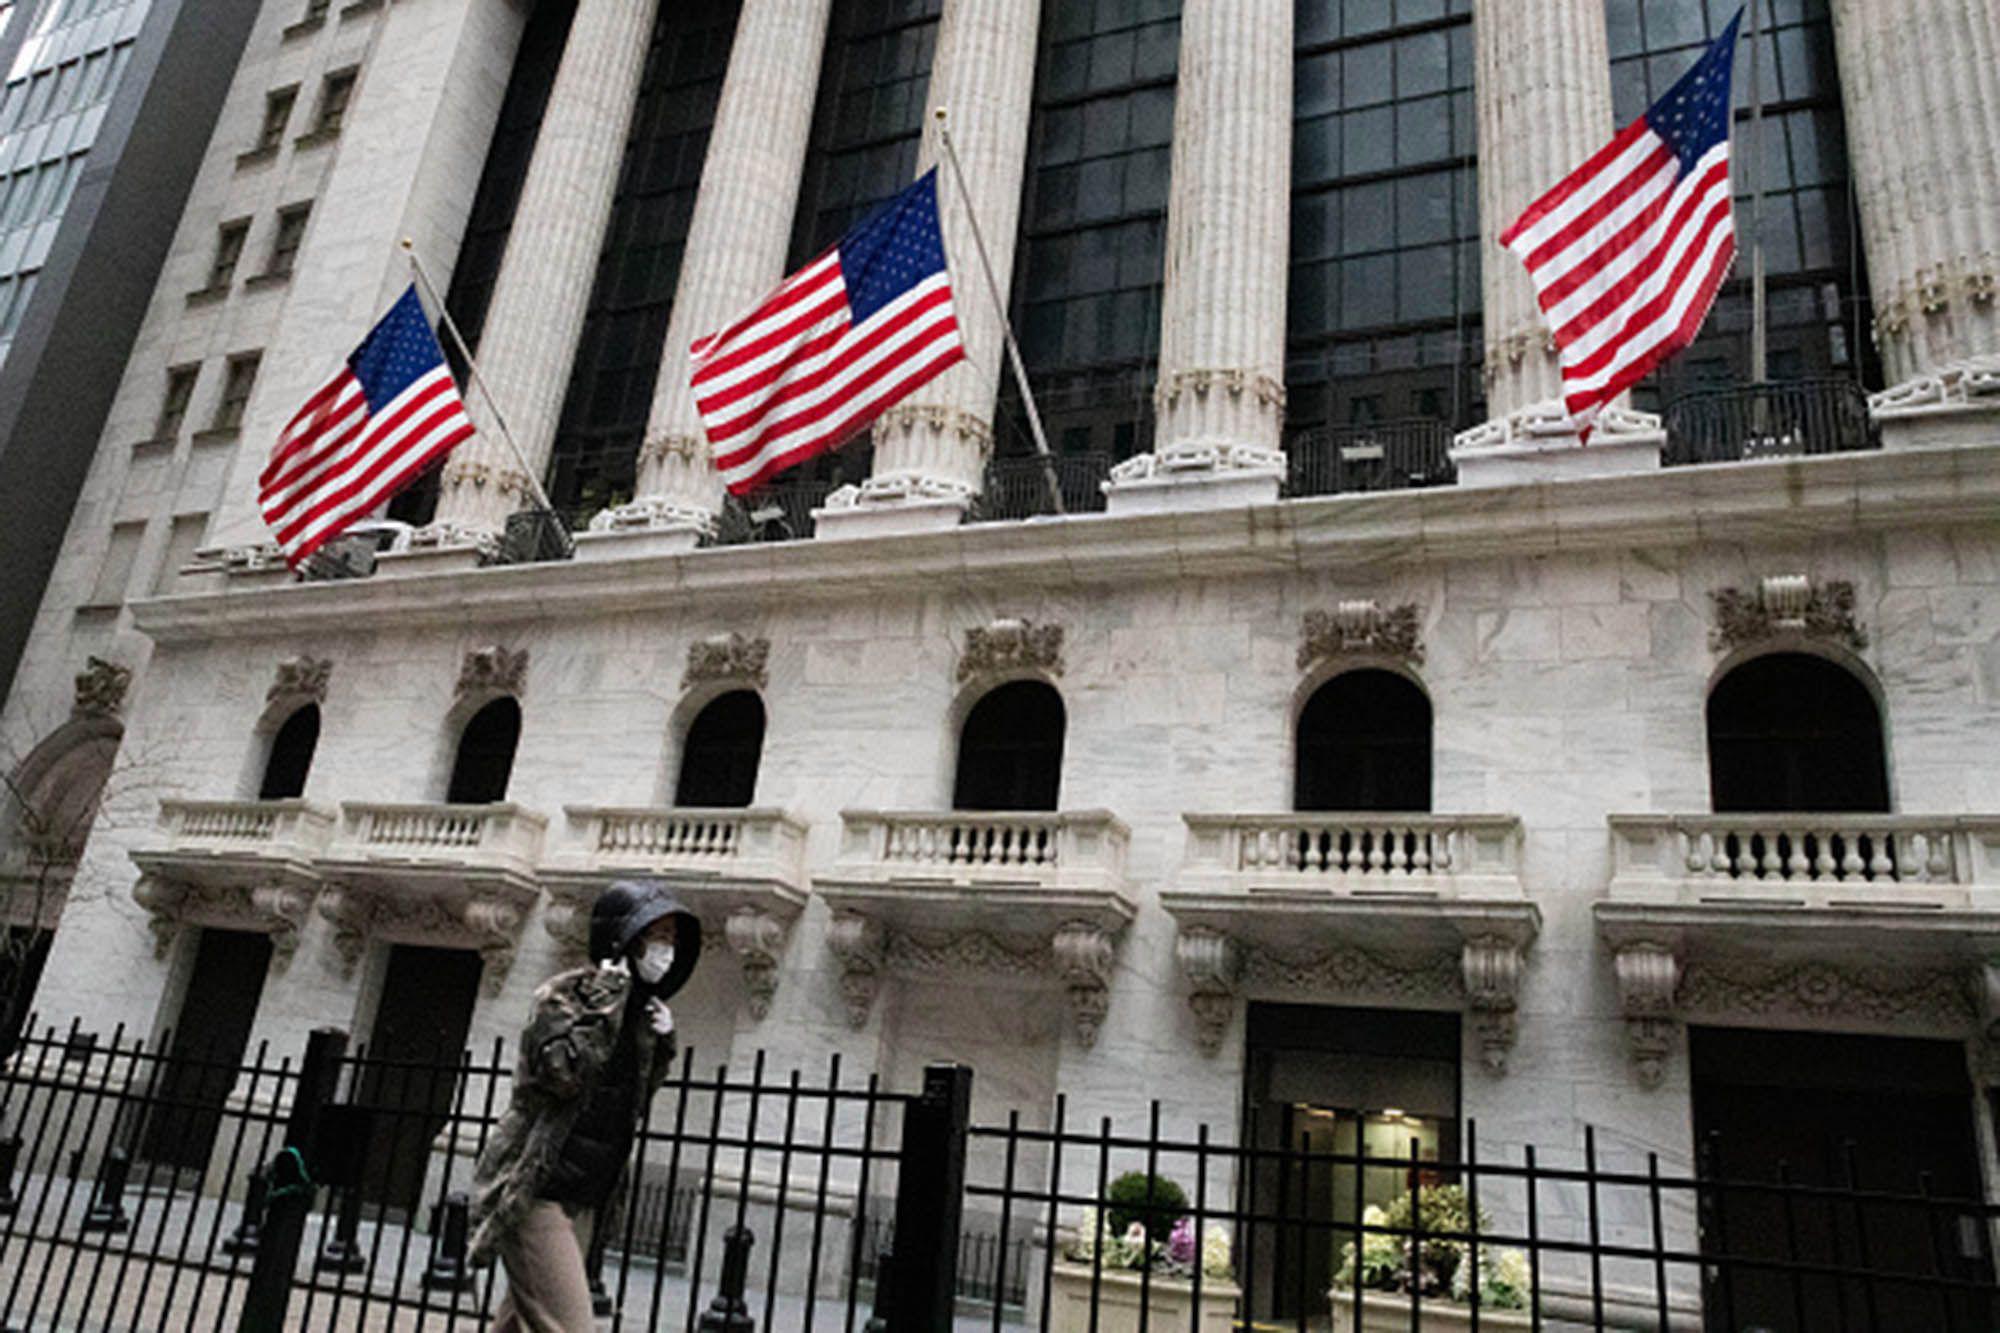 Chứng khoán Mỹ tăng khi cổ phiếu loạt đại gia công nghệ khởi sắc - Ảnh 1.